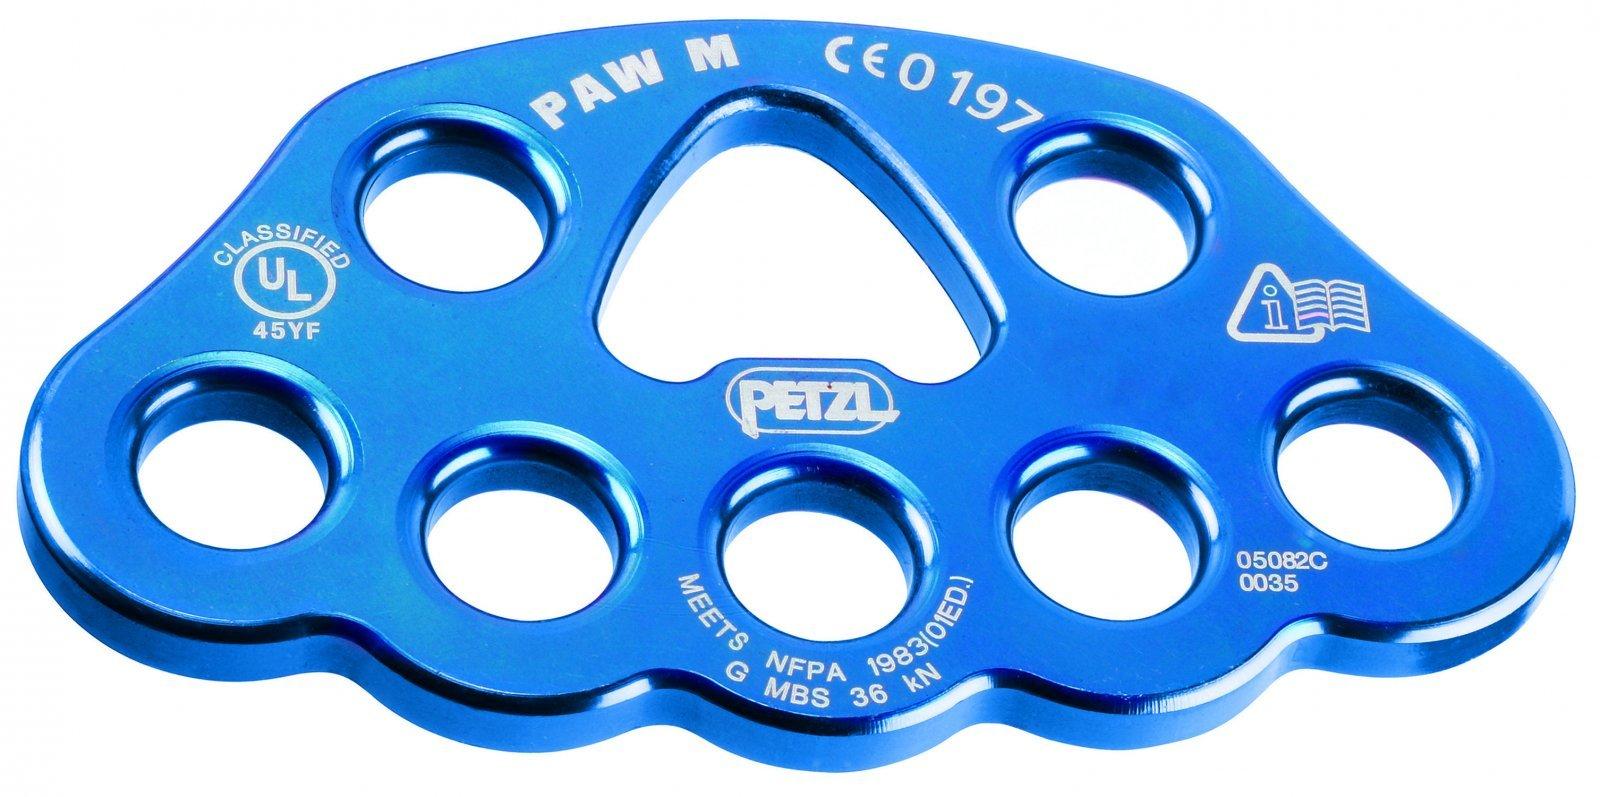 Petzl Paw Aluminum (7 Hole)